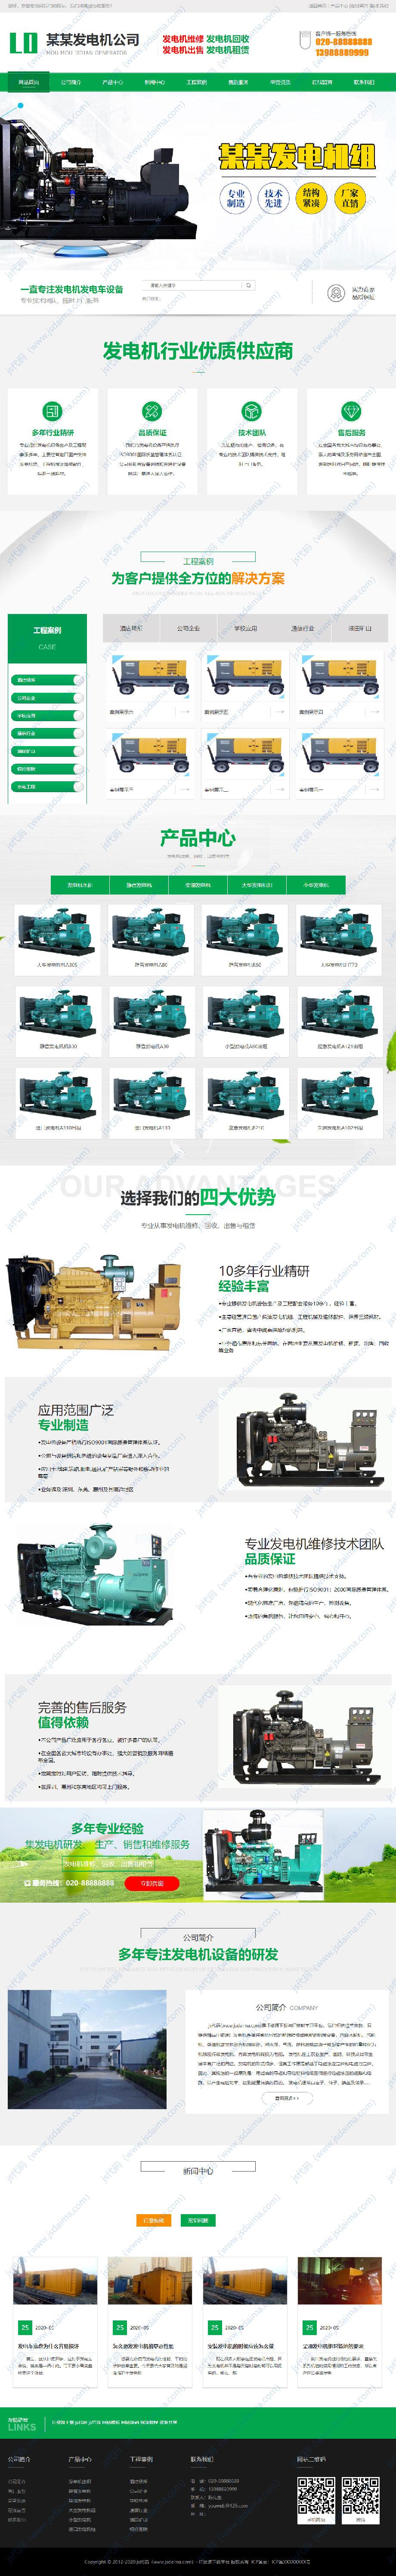 绿色高端大气发电机机组电机设备销售制造公司网站源码